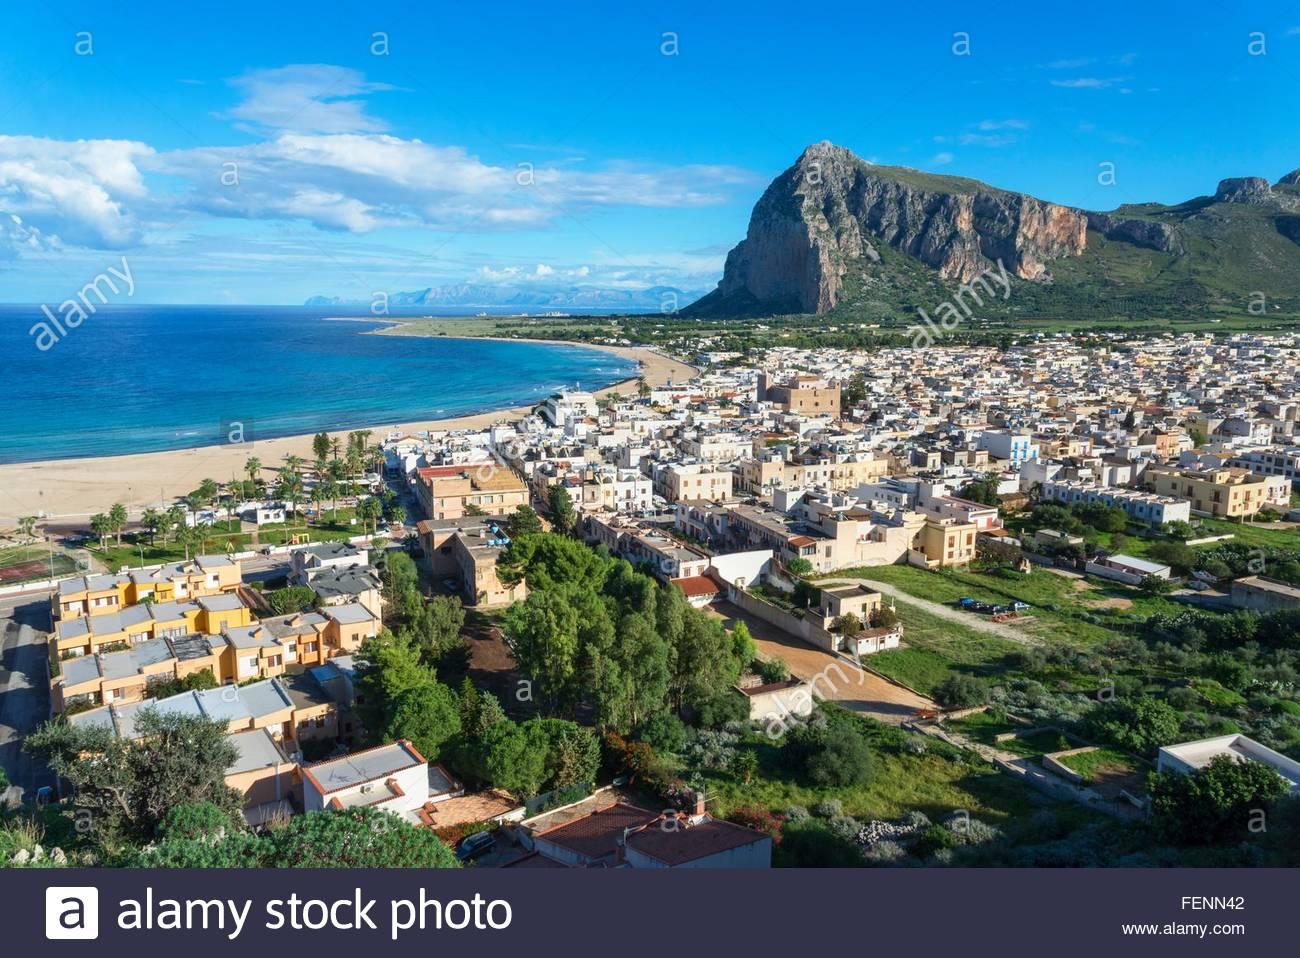 Angolo di alta vista di San Vito Lo Capo, Sicilia, Italia Immagini Stock